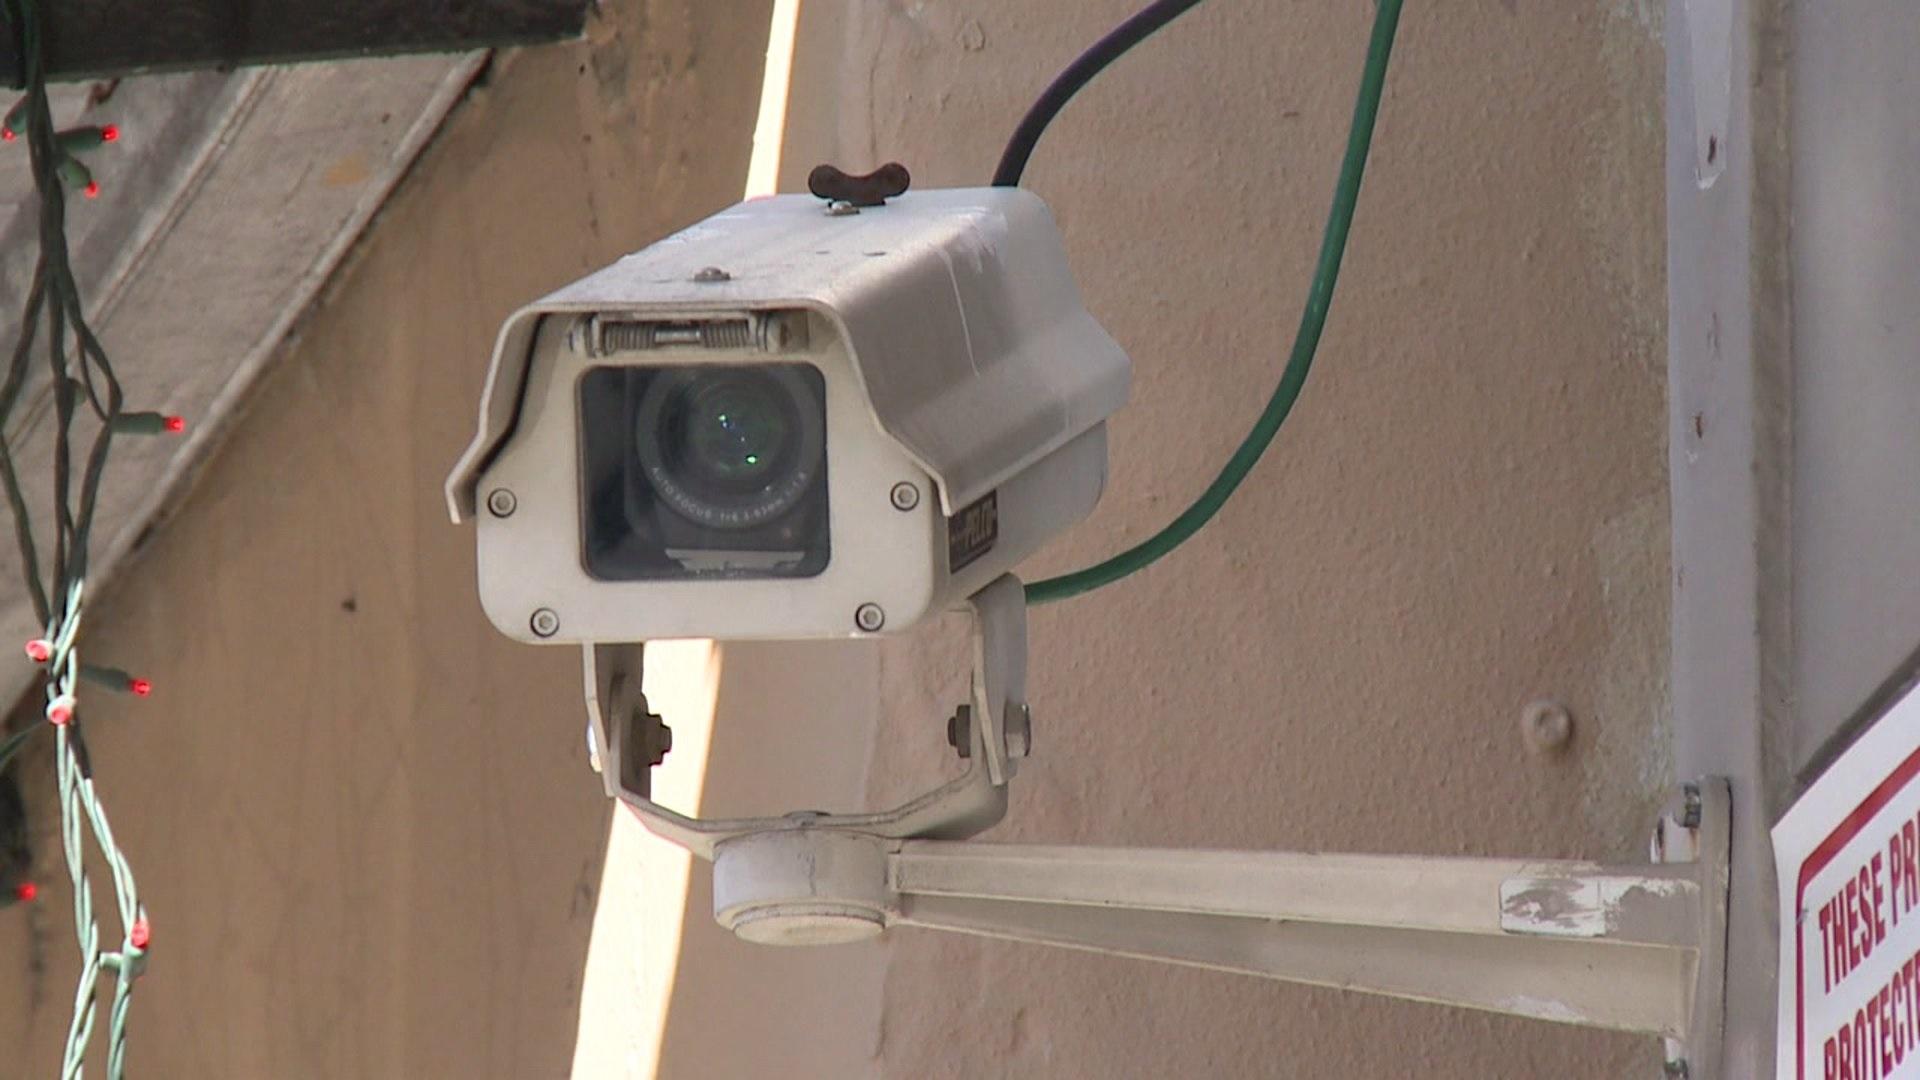 crime cameras